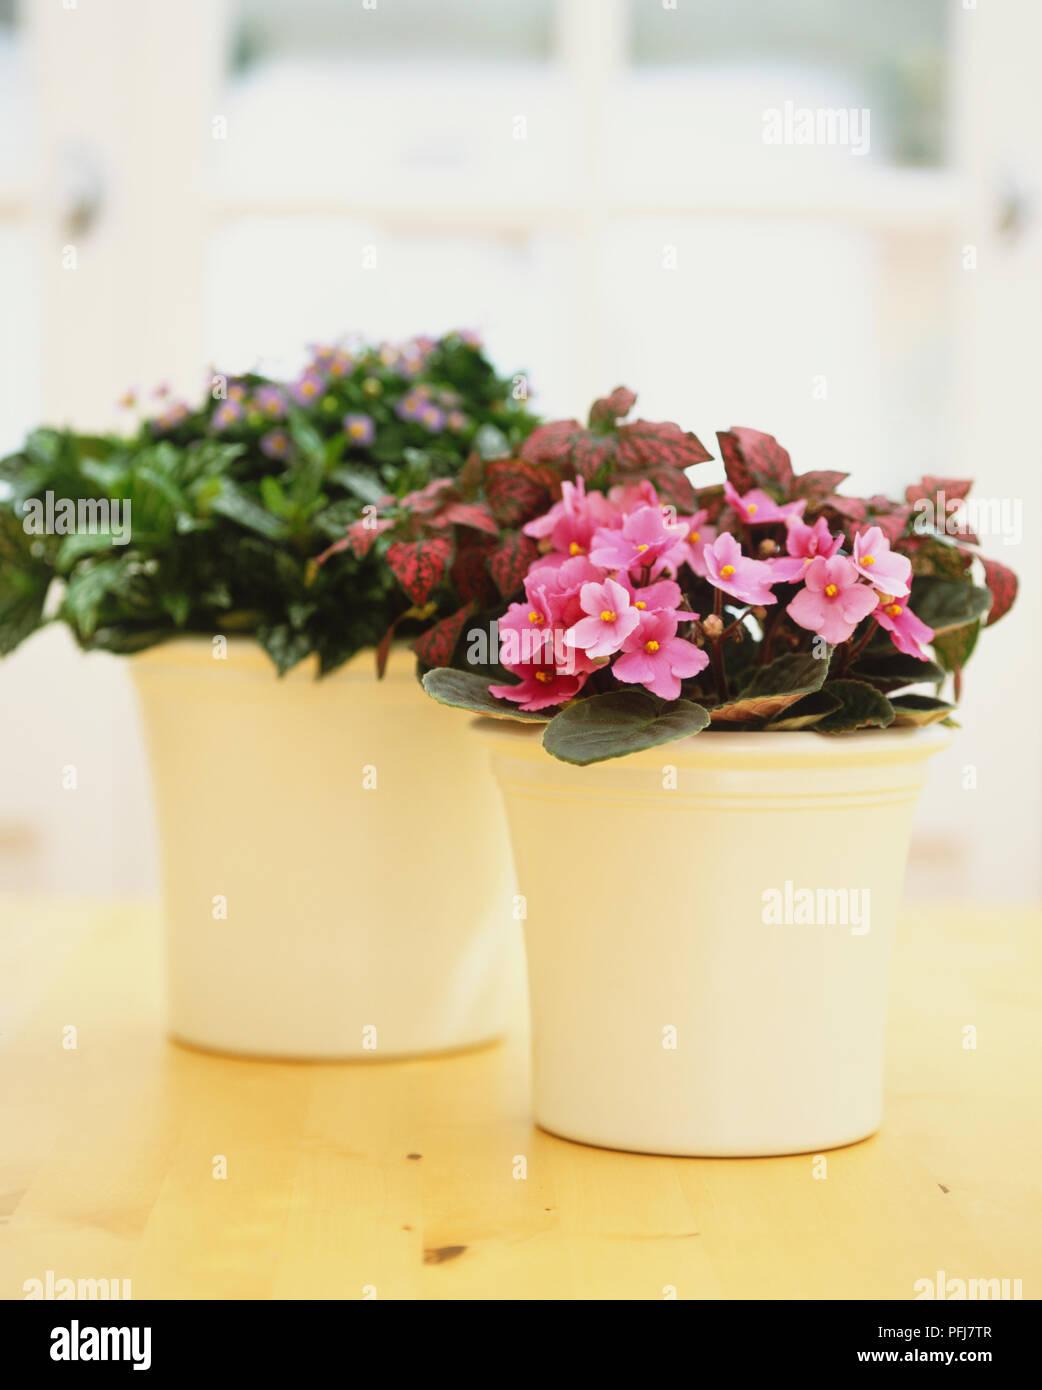 Saintpaulia African Violet And Exacum Affine Persian Violet In